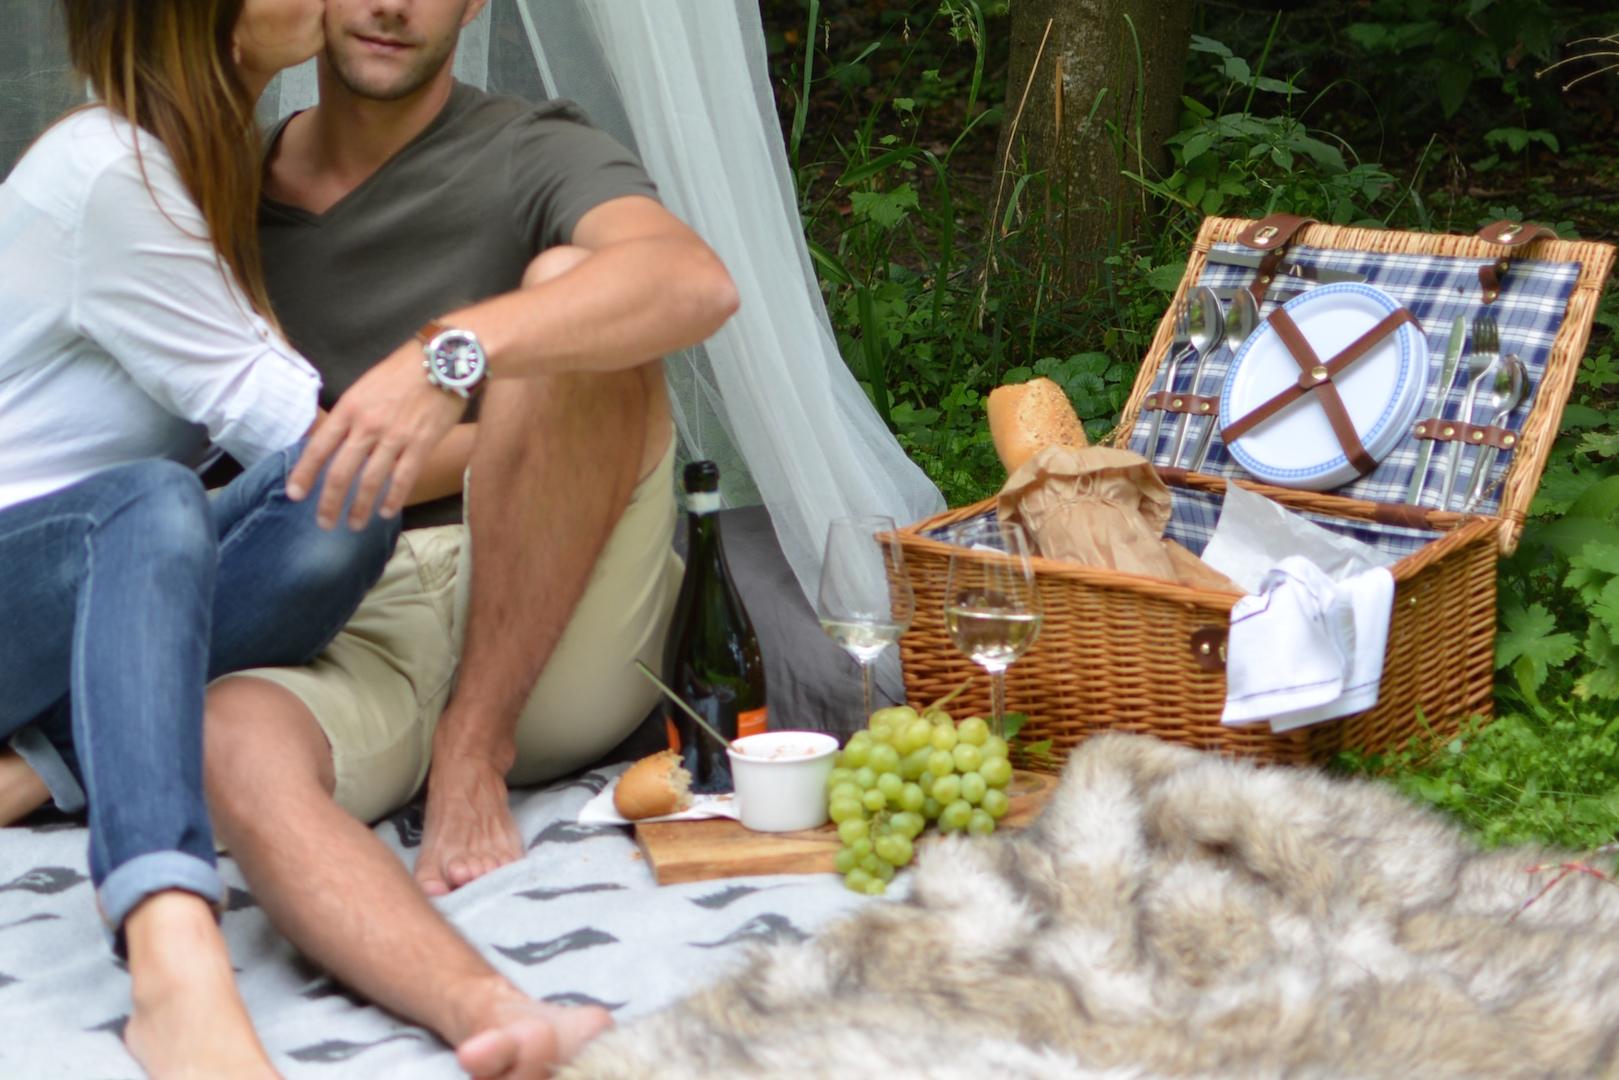 piknik-w-lesie-kosz-piknikowy-14